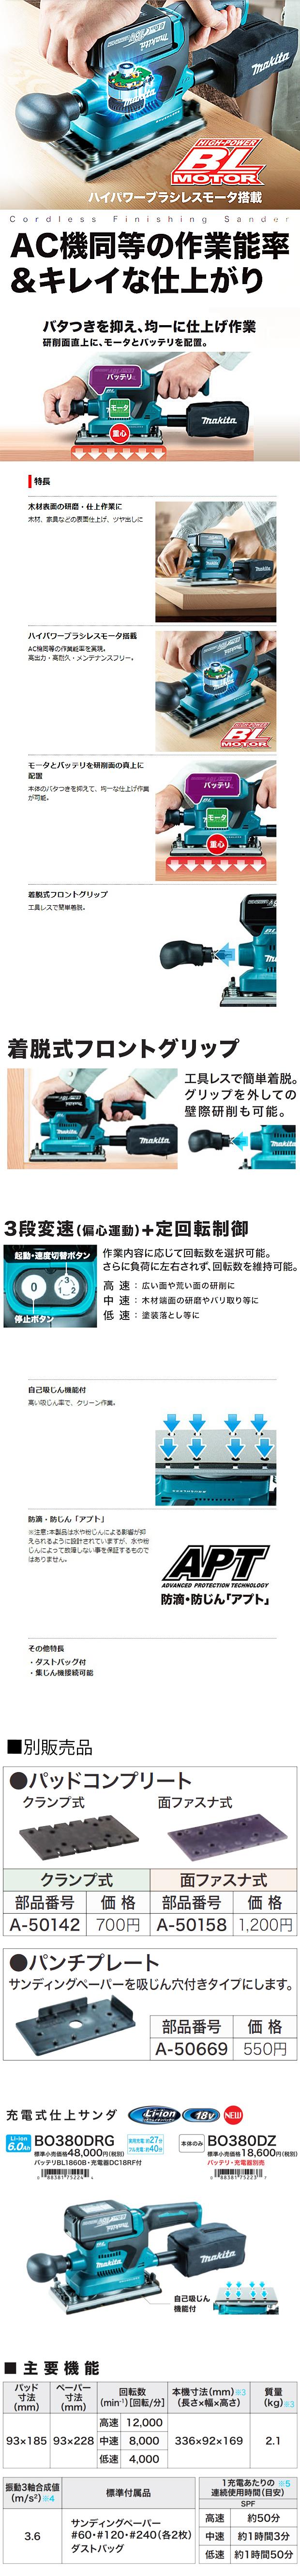 マキタ 18V 充電式仕上サンダ BO380D